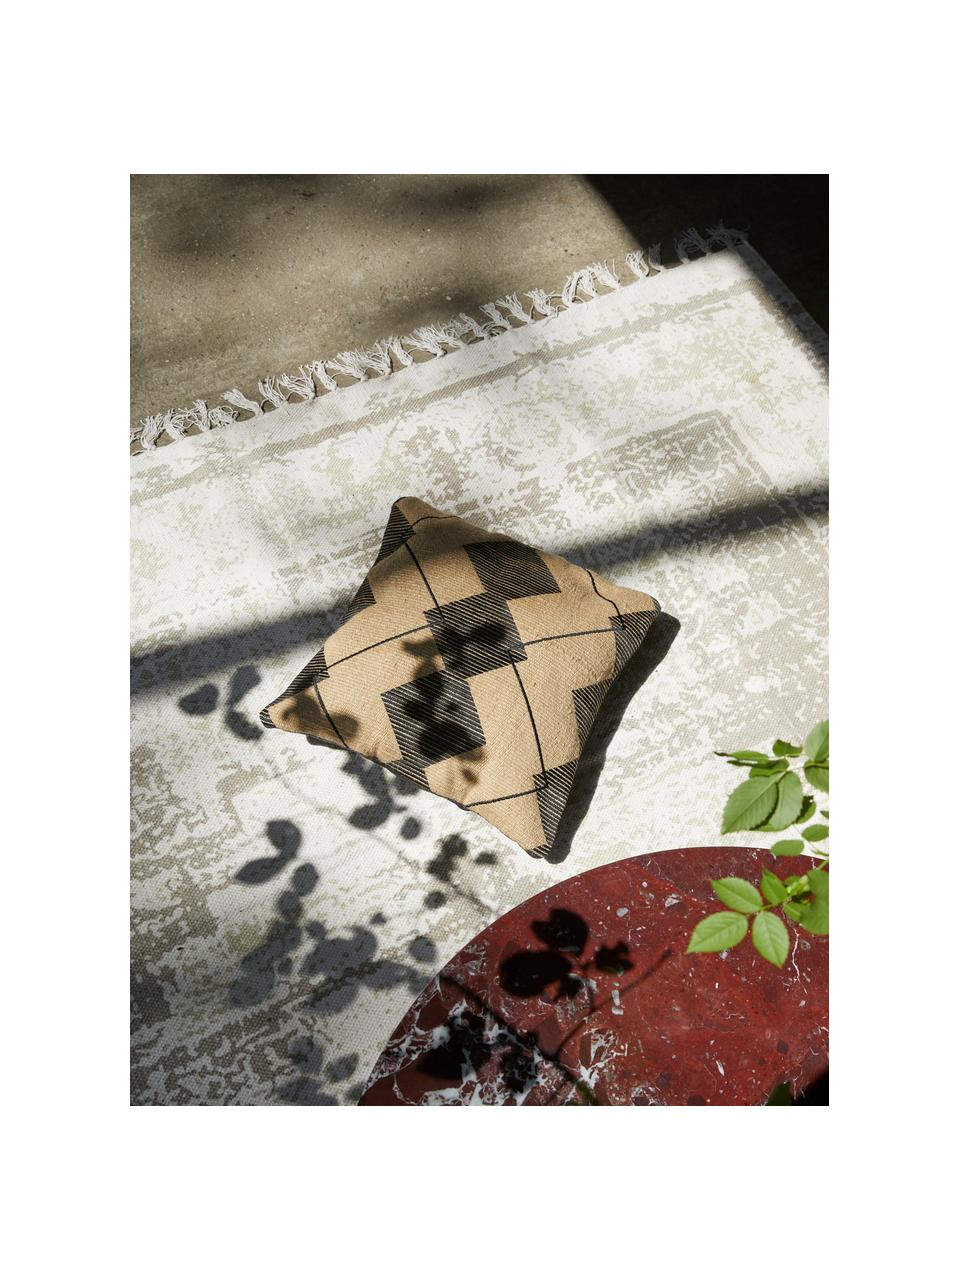 Dünner Baumwollteppich Jasmine in Beige/Taupe im Vintage-Style, handgewebt, Beige, B 70 x L 140 cm (Größe XS)